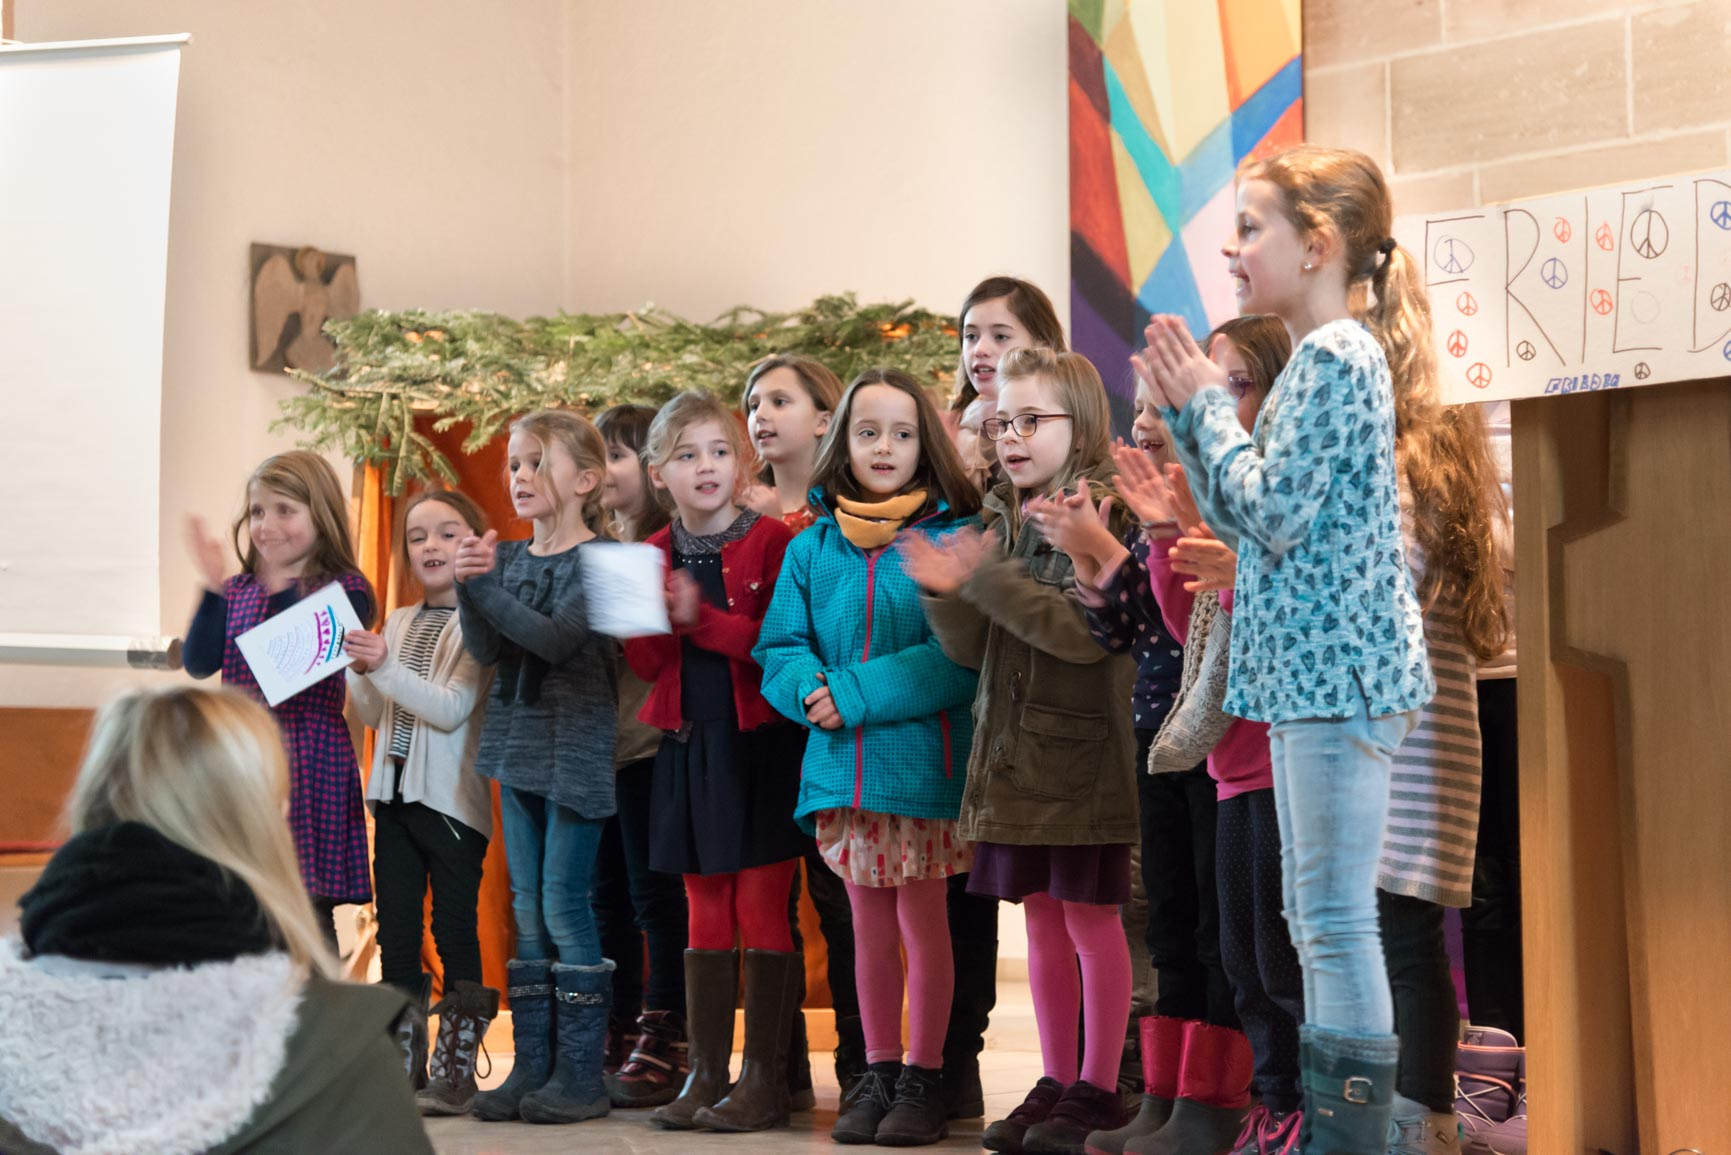 Ideen Programm Weihnachtsfeier.Weihnachtsfeier 2016 Jenaplan Schule Nürnberg